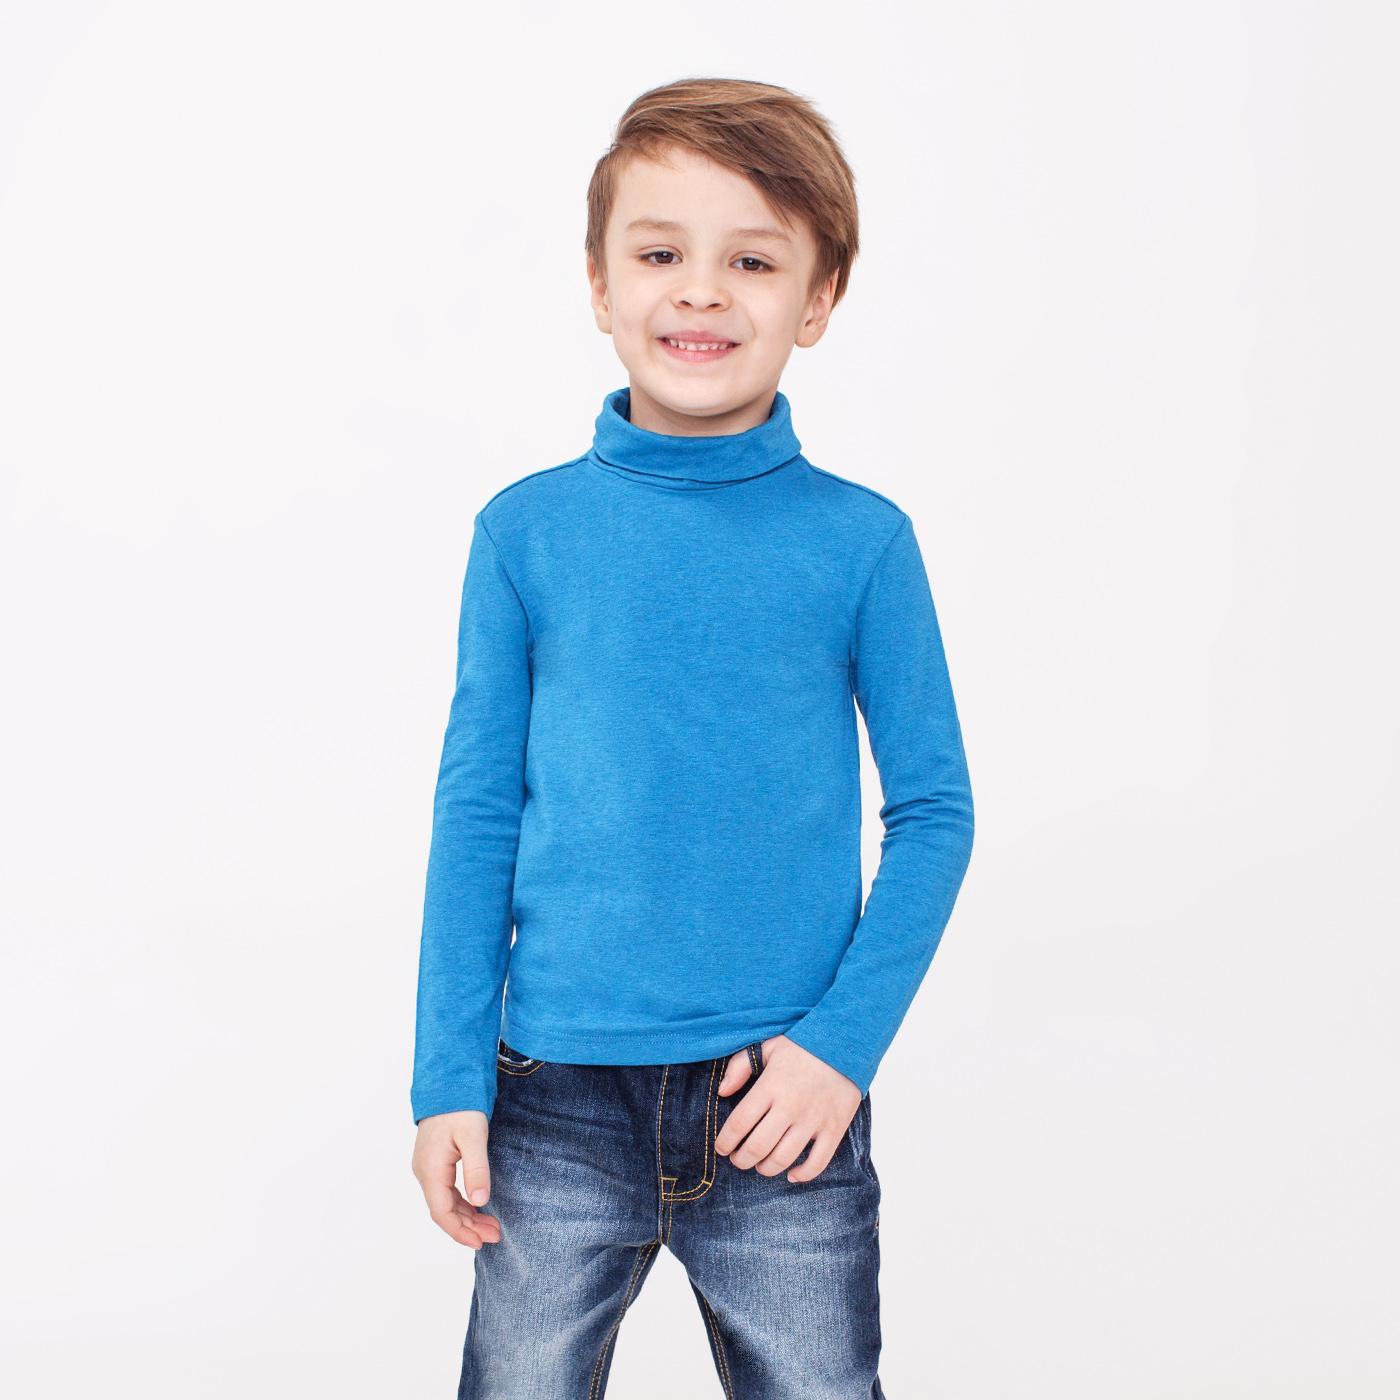 Джемпер Детский Для Мальчиков С Доставкой